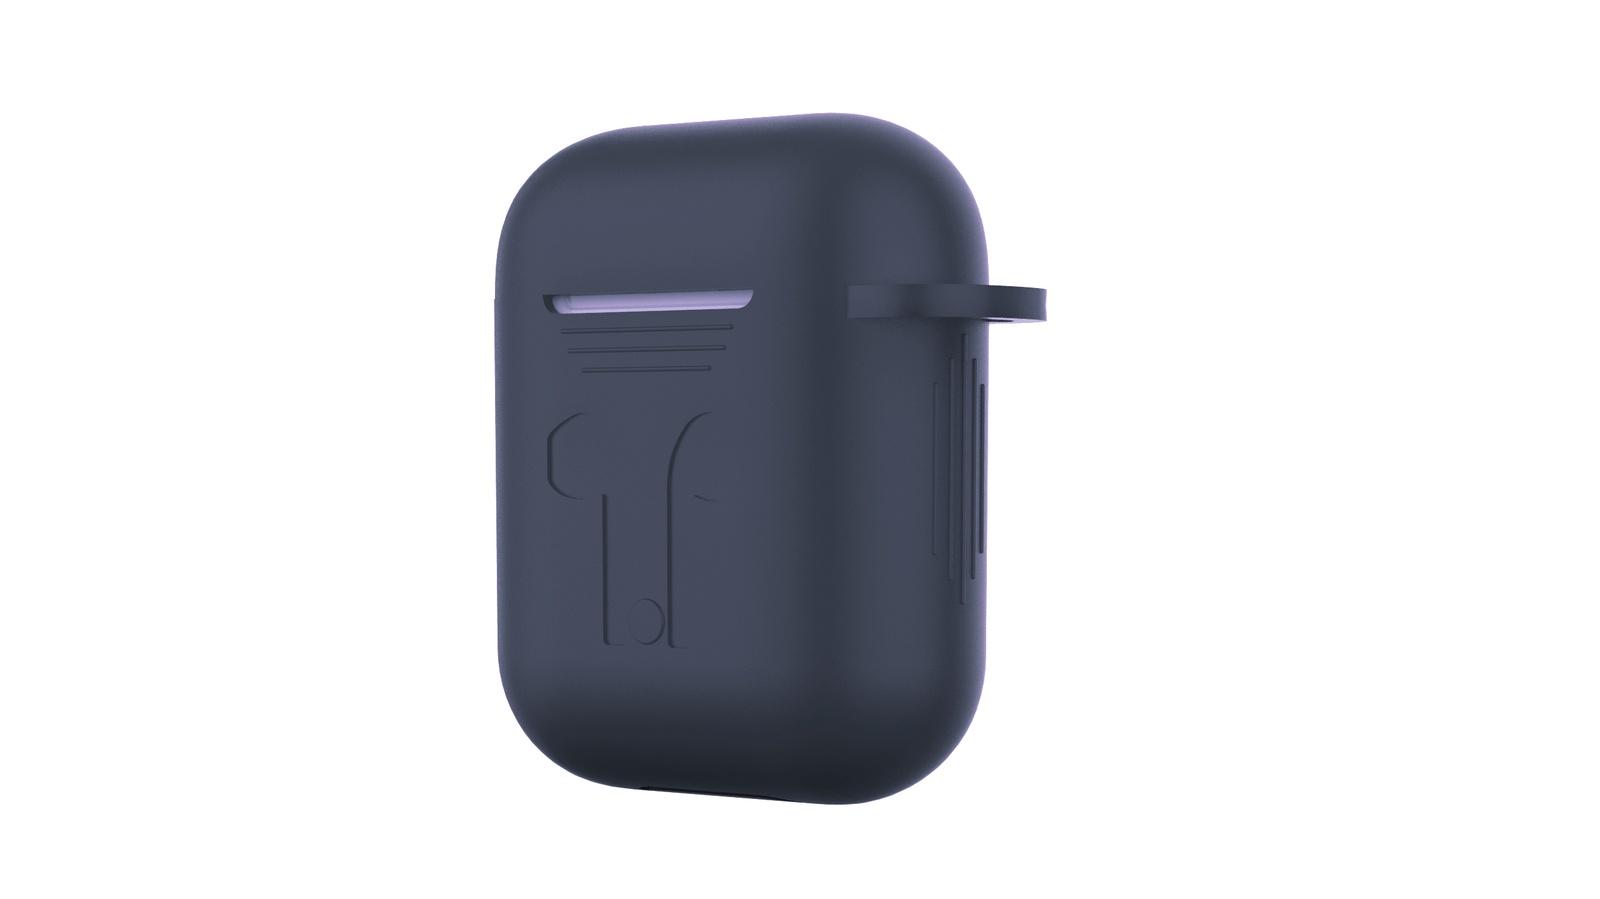 Фото - Чехол для наушников Devia Naked Silicone Case Suit для Apple AirPods, темно-синий беспроводное зарядное устройство 3 в 1 для смартфона apple watch apple airpods devia 18w